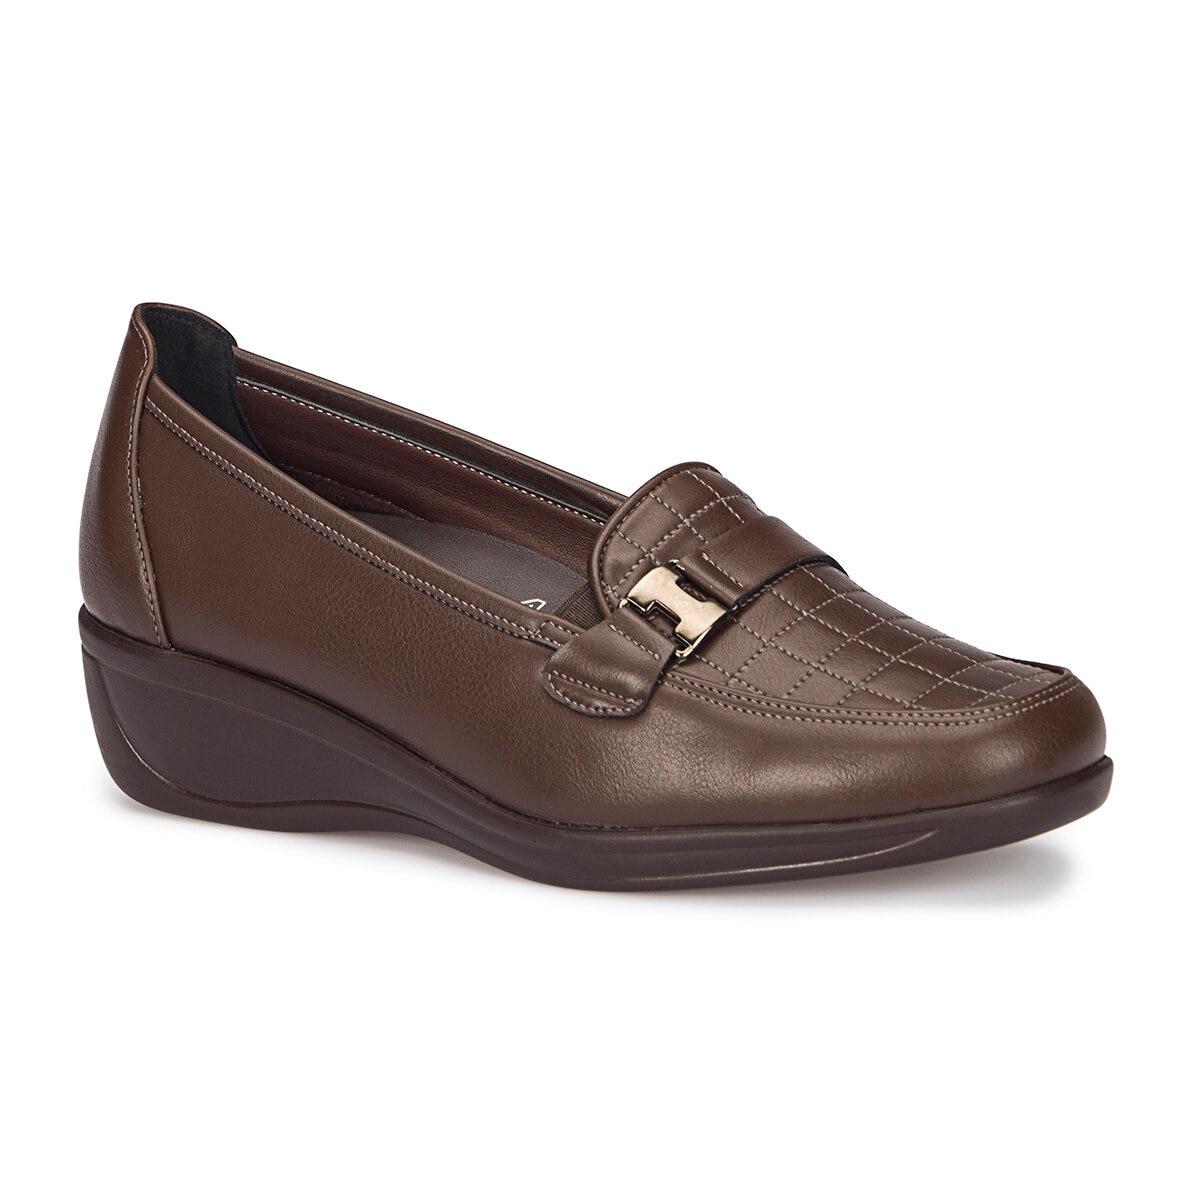 FLO 72.110007.Z Brown Women 'S Comfort Shoes Polaris 5 Point